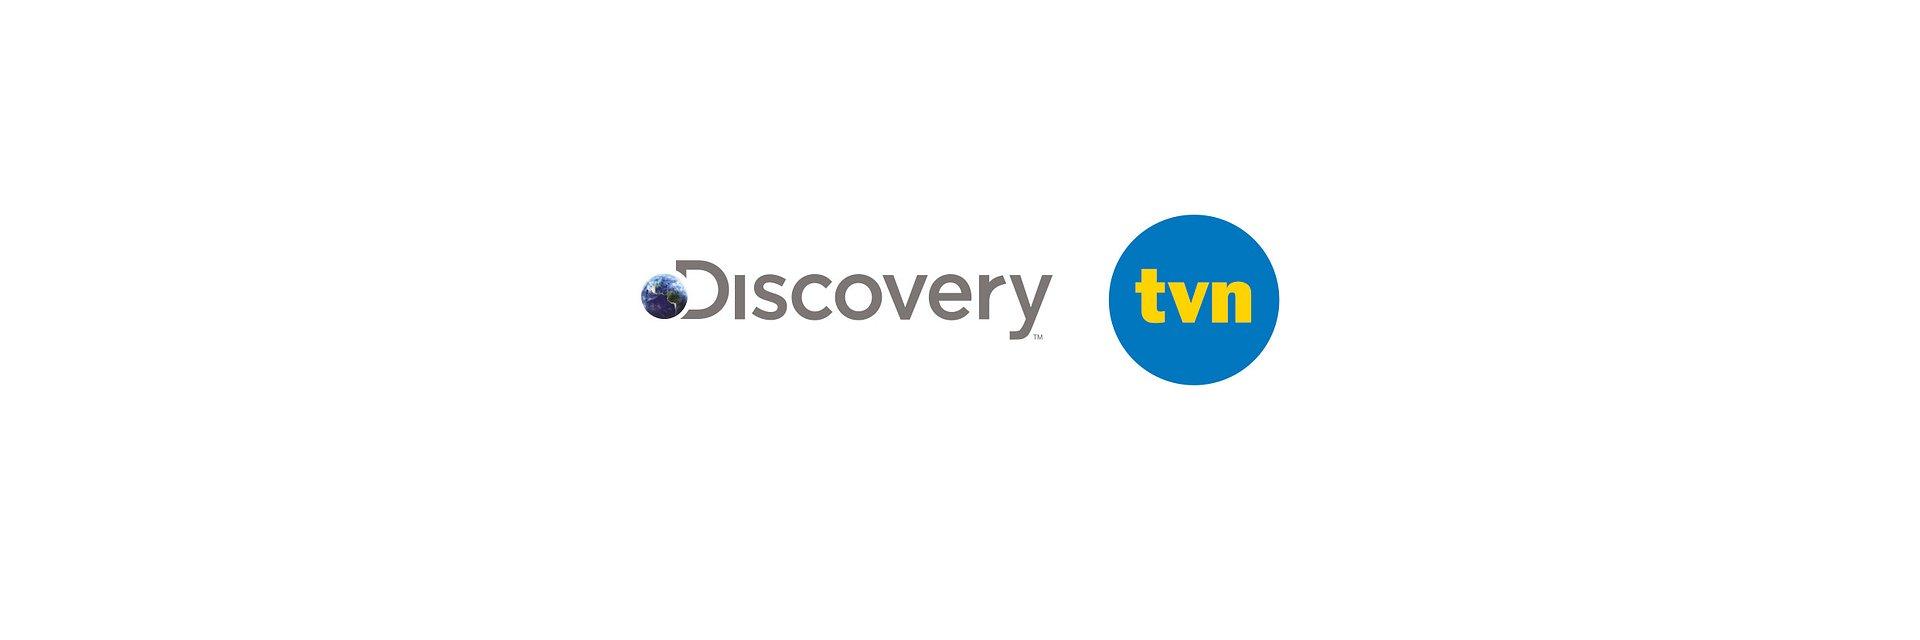 TVN testuje technologię HbbTV